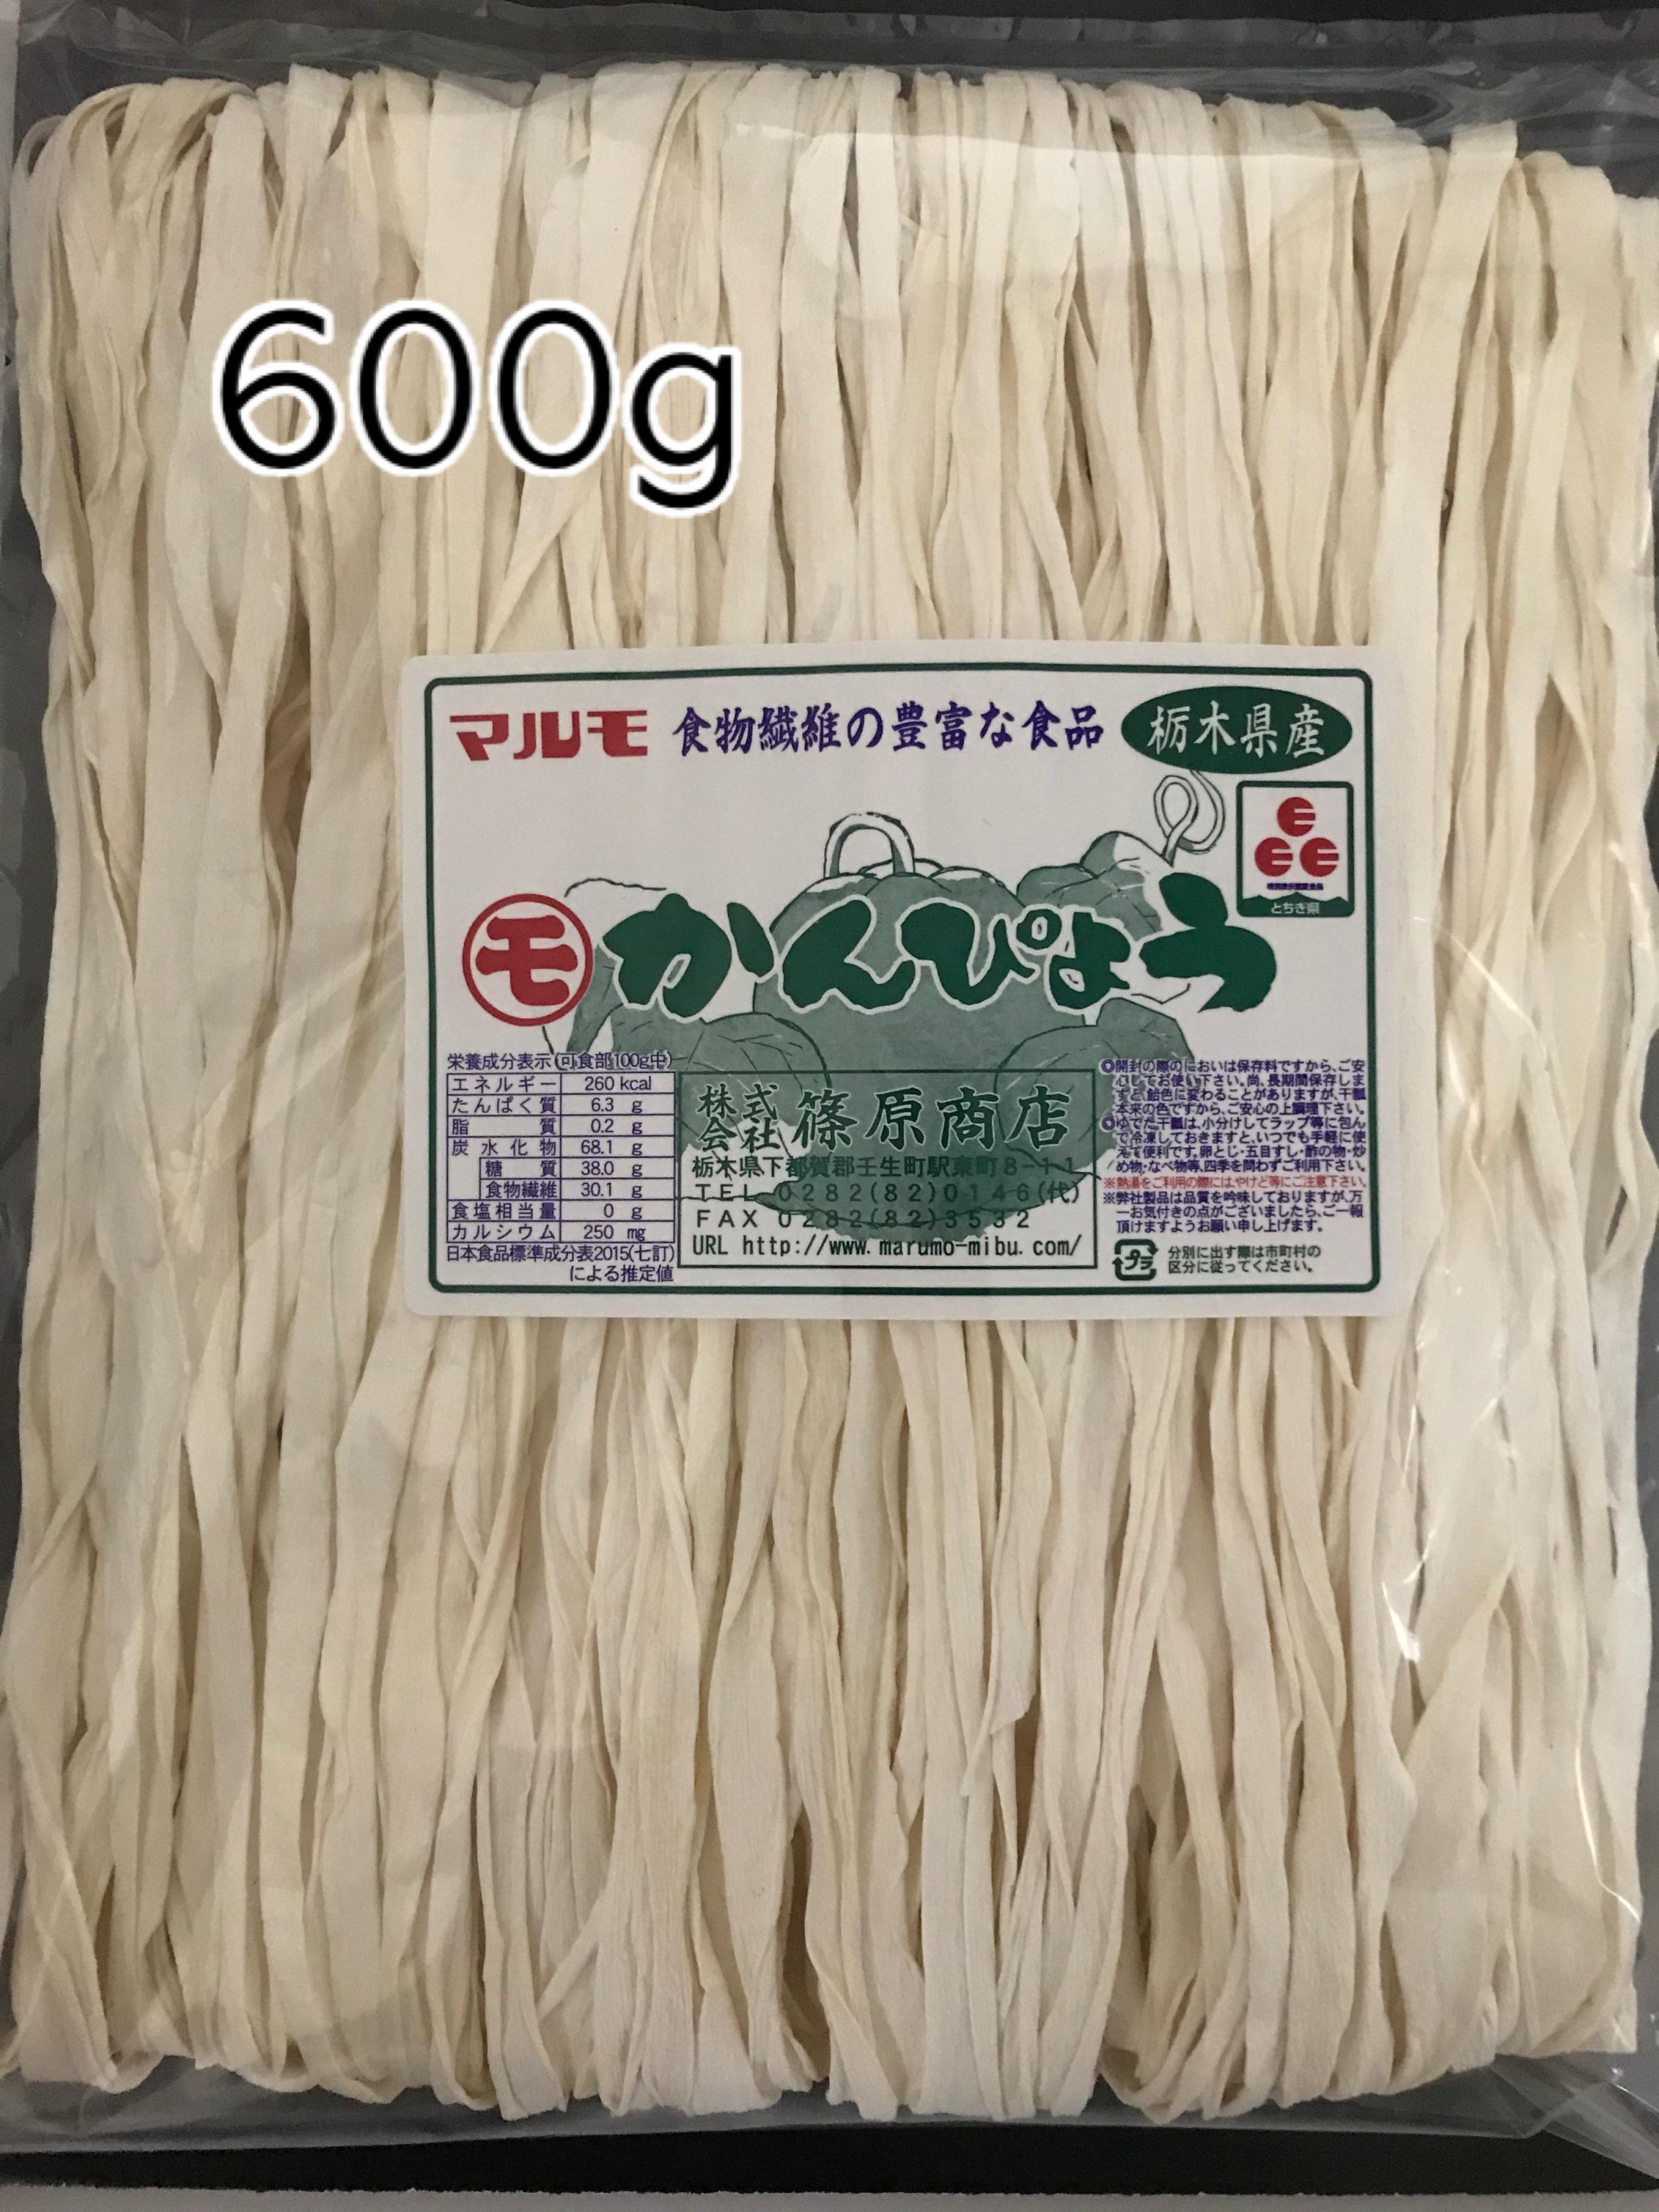 栃木県産かんぴょう600g